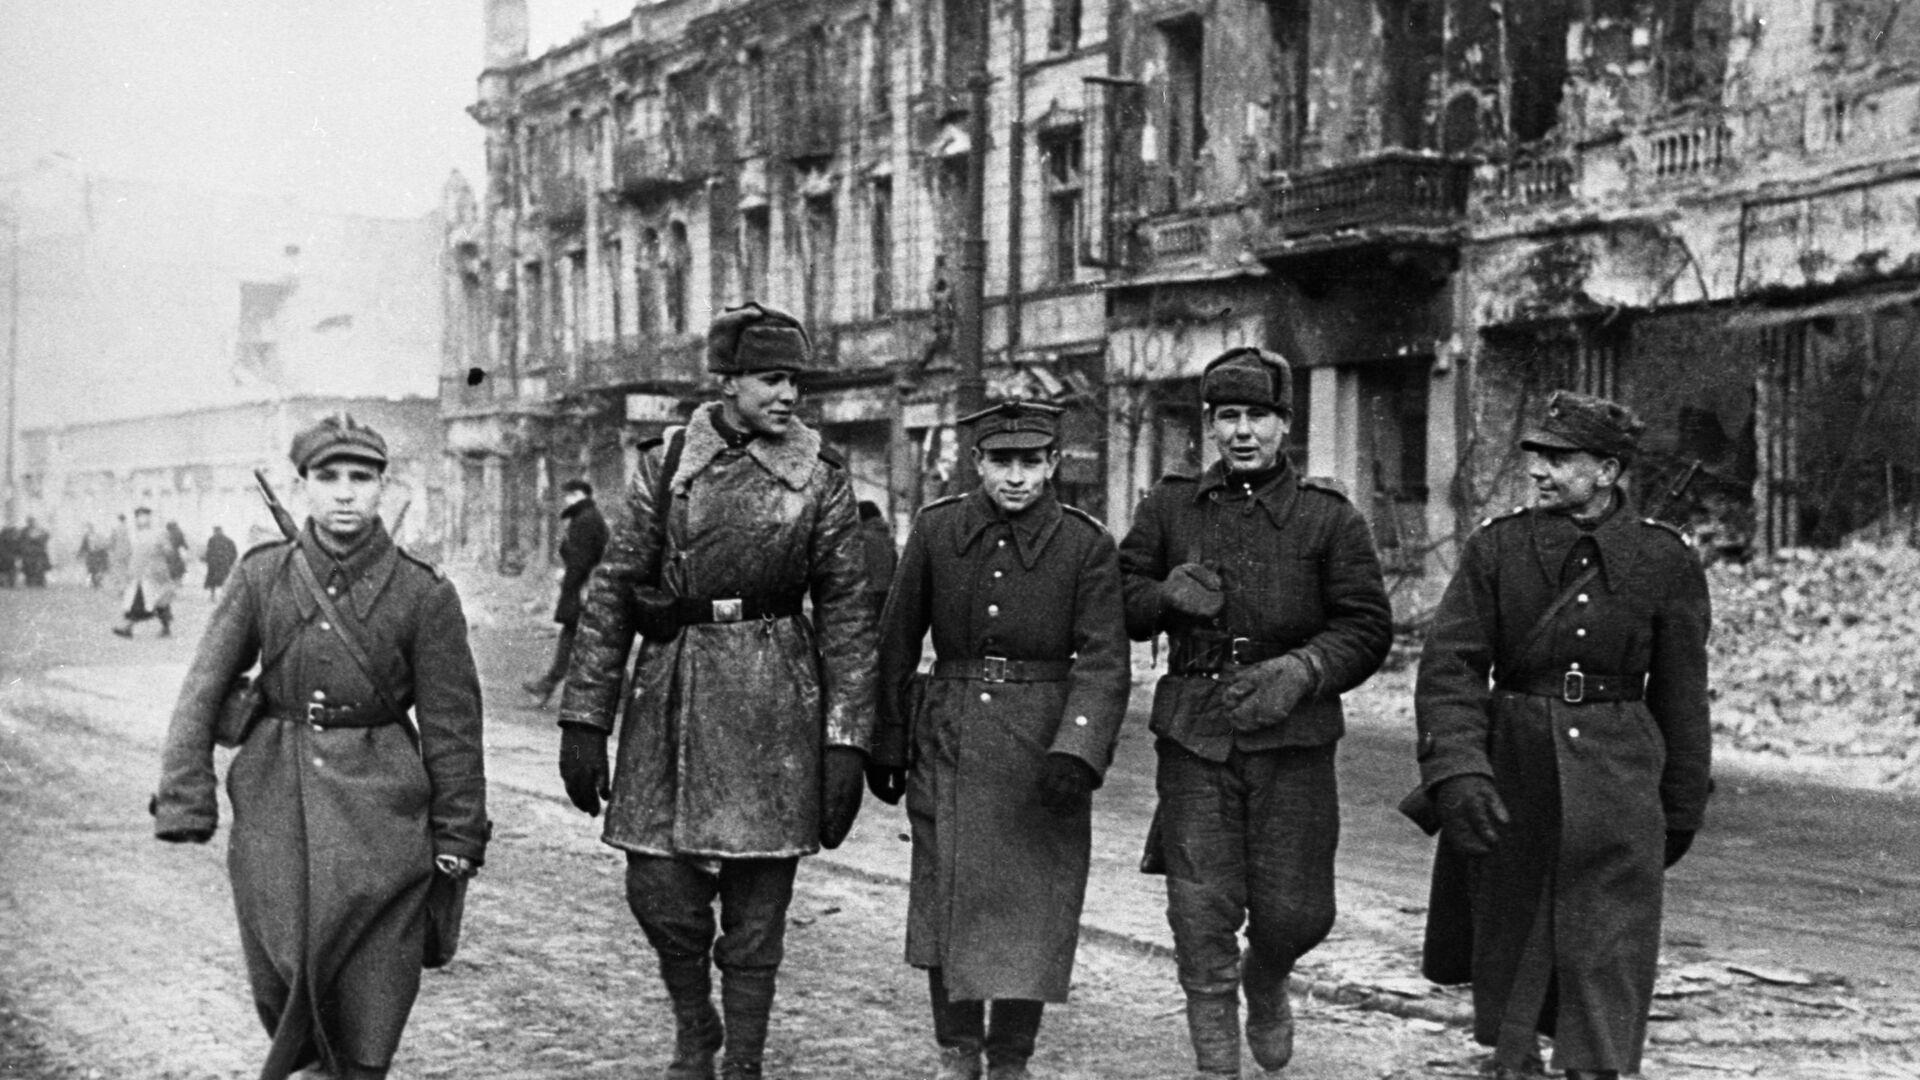 Żołnierze Armii Czerwonej i Wojska Polskiego na ulicach miasta, 1945 rok - Sputnik Polska, 1920, 17.09.2021